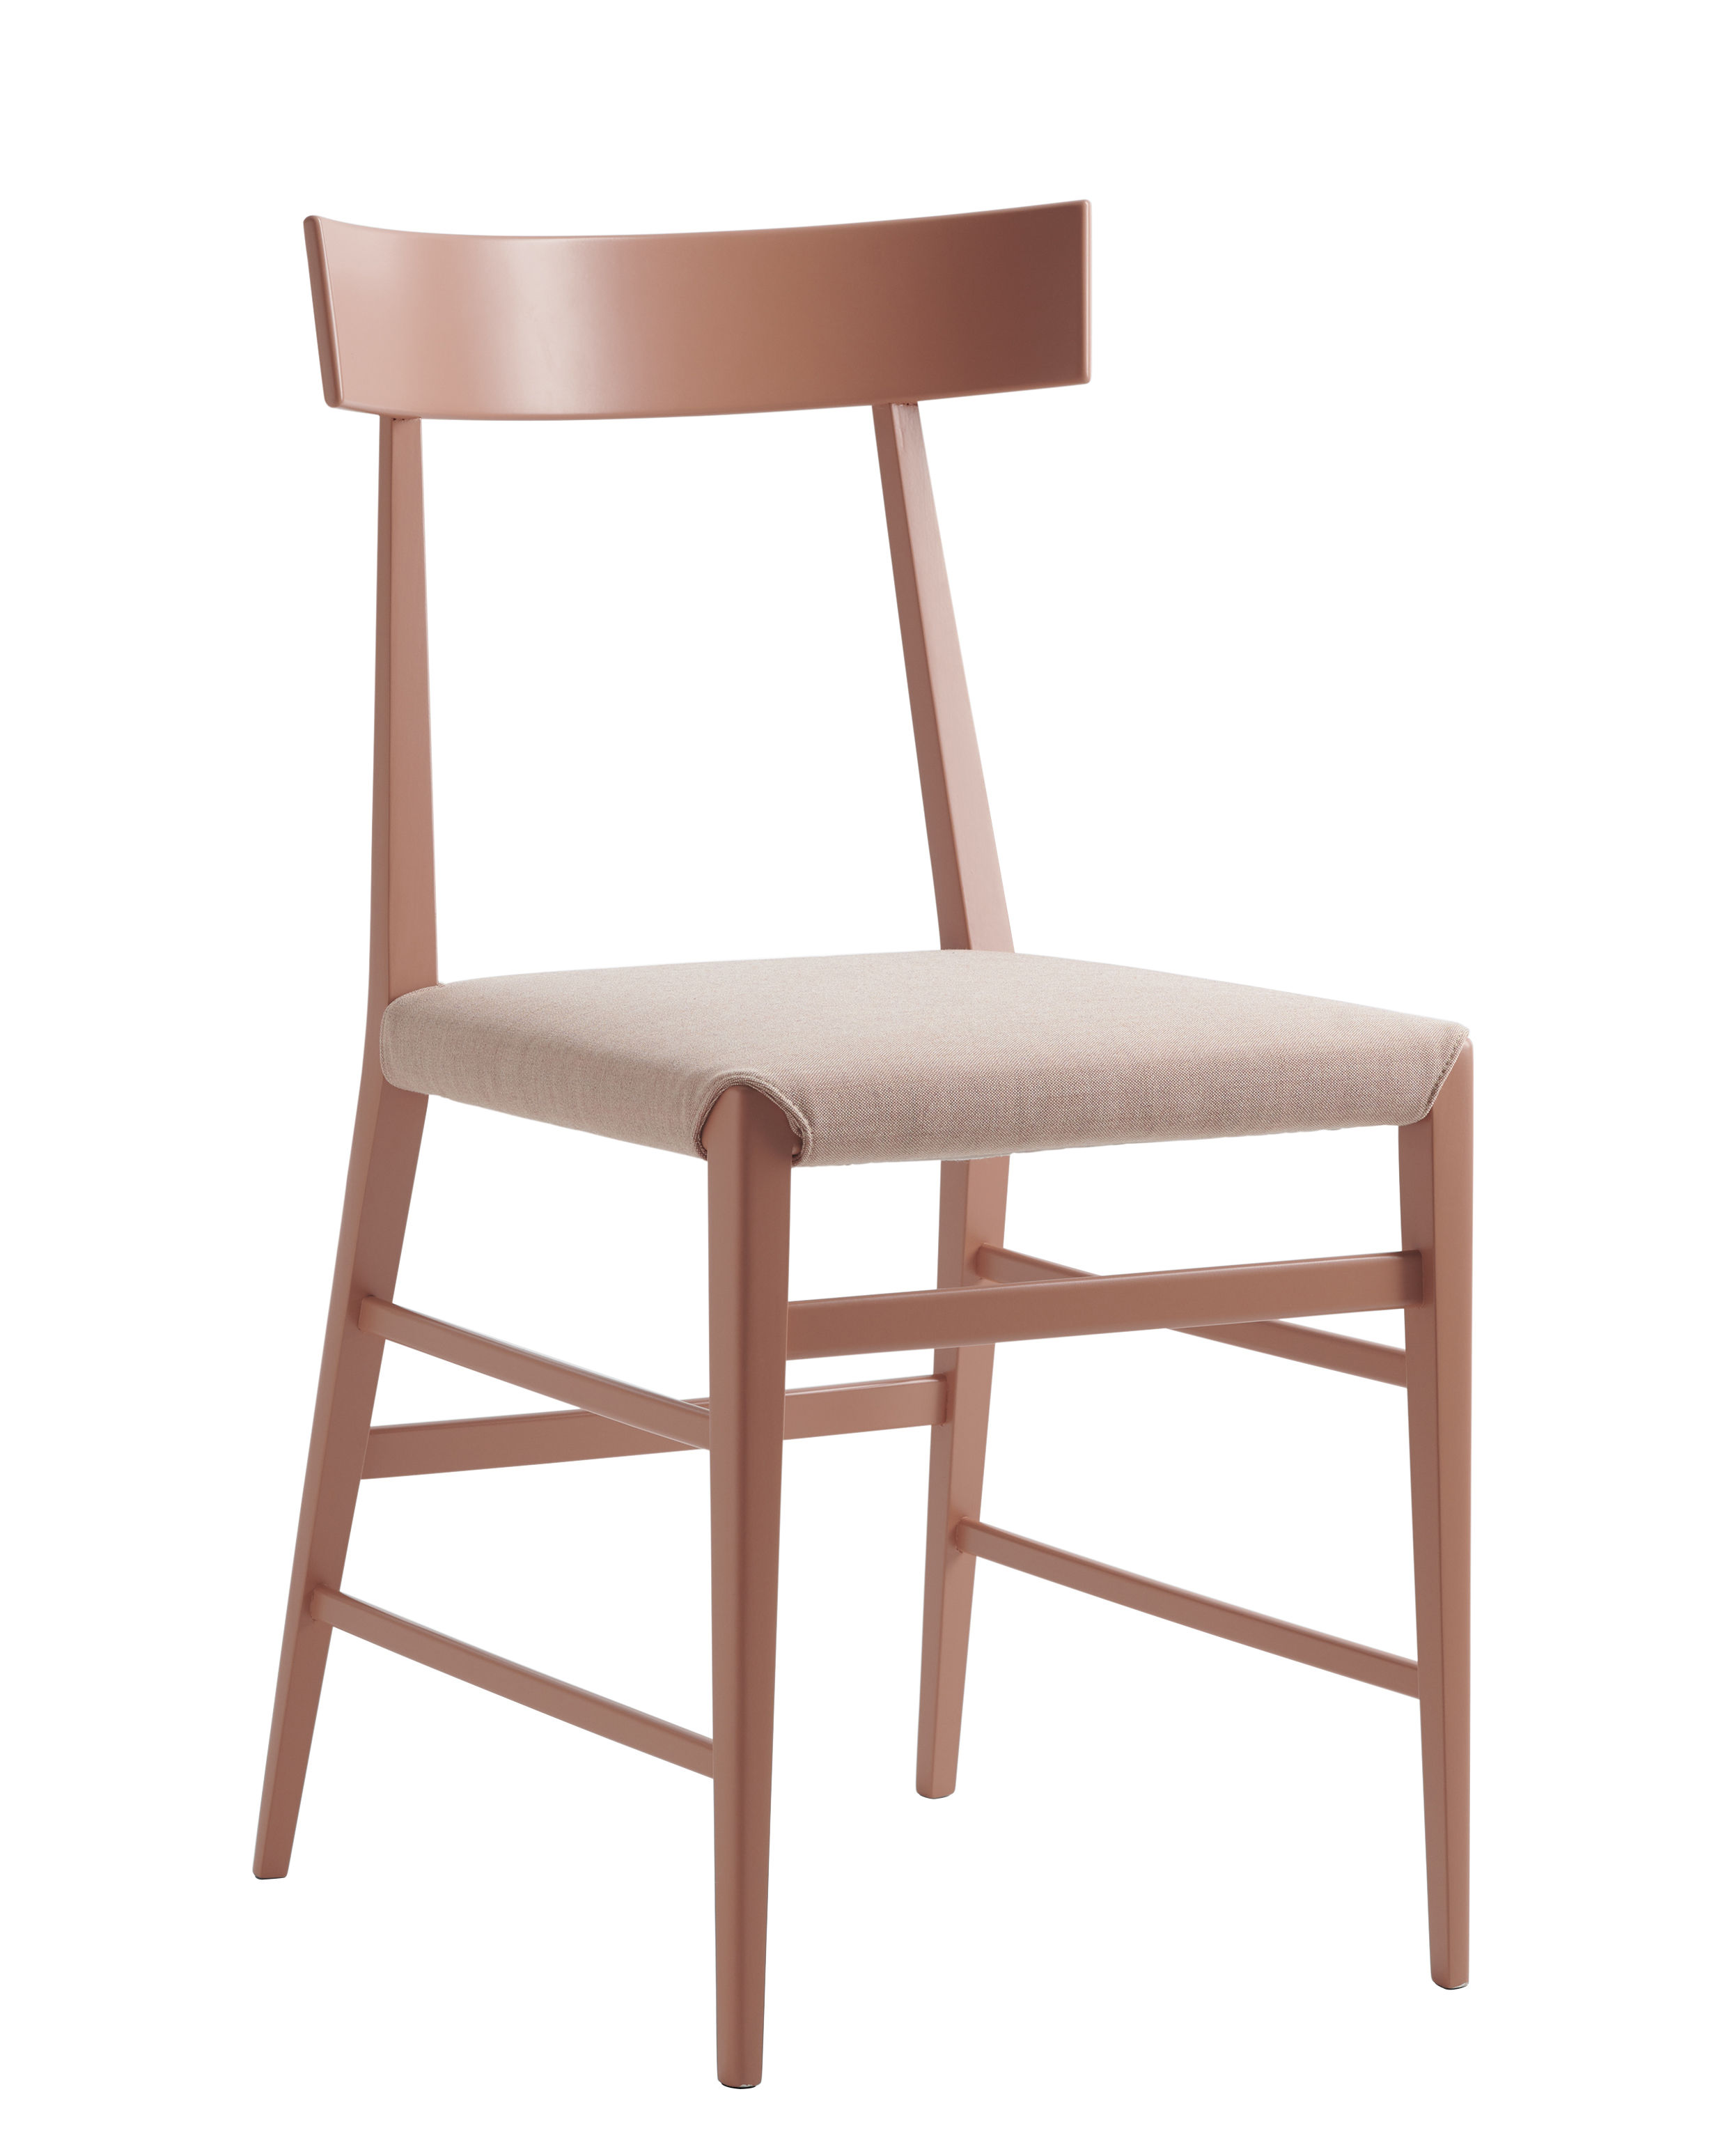 Mobilier - Chaises, fauteuils de salle à manger - Chaise Noli / Tissu & hêtre massif - Zanotta - Rose brique - Hêtre massif peint, Mousse, Tissu